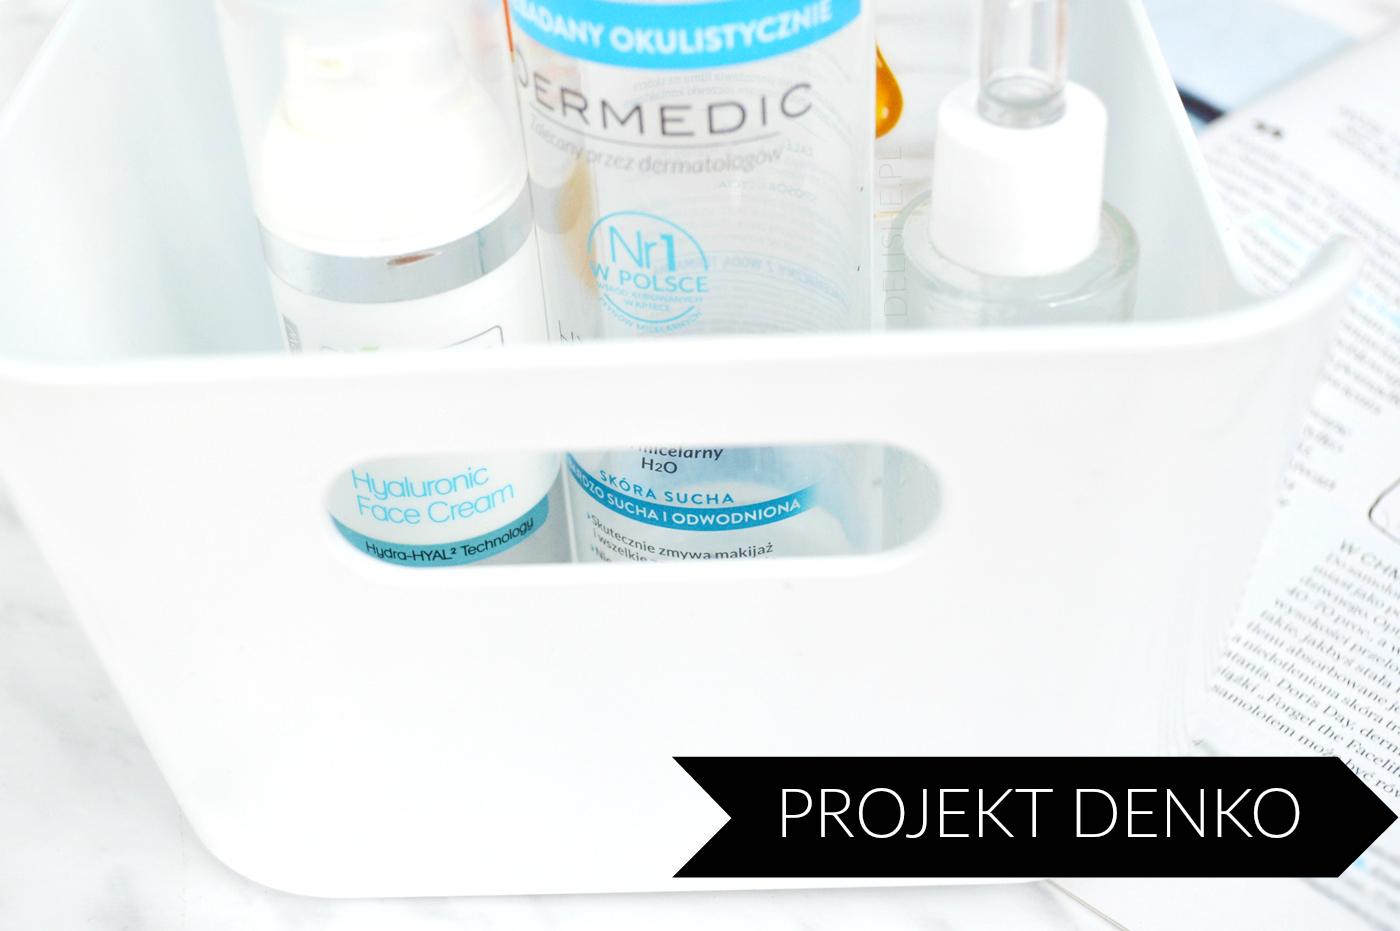 projekt denko blog